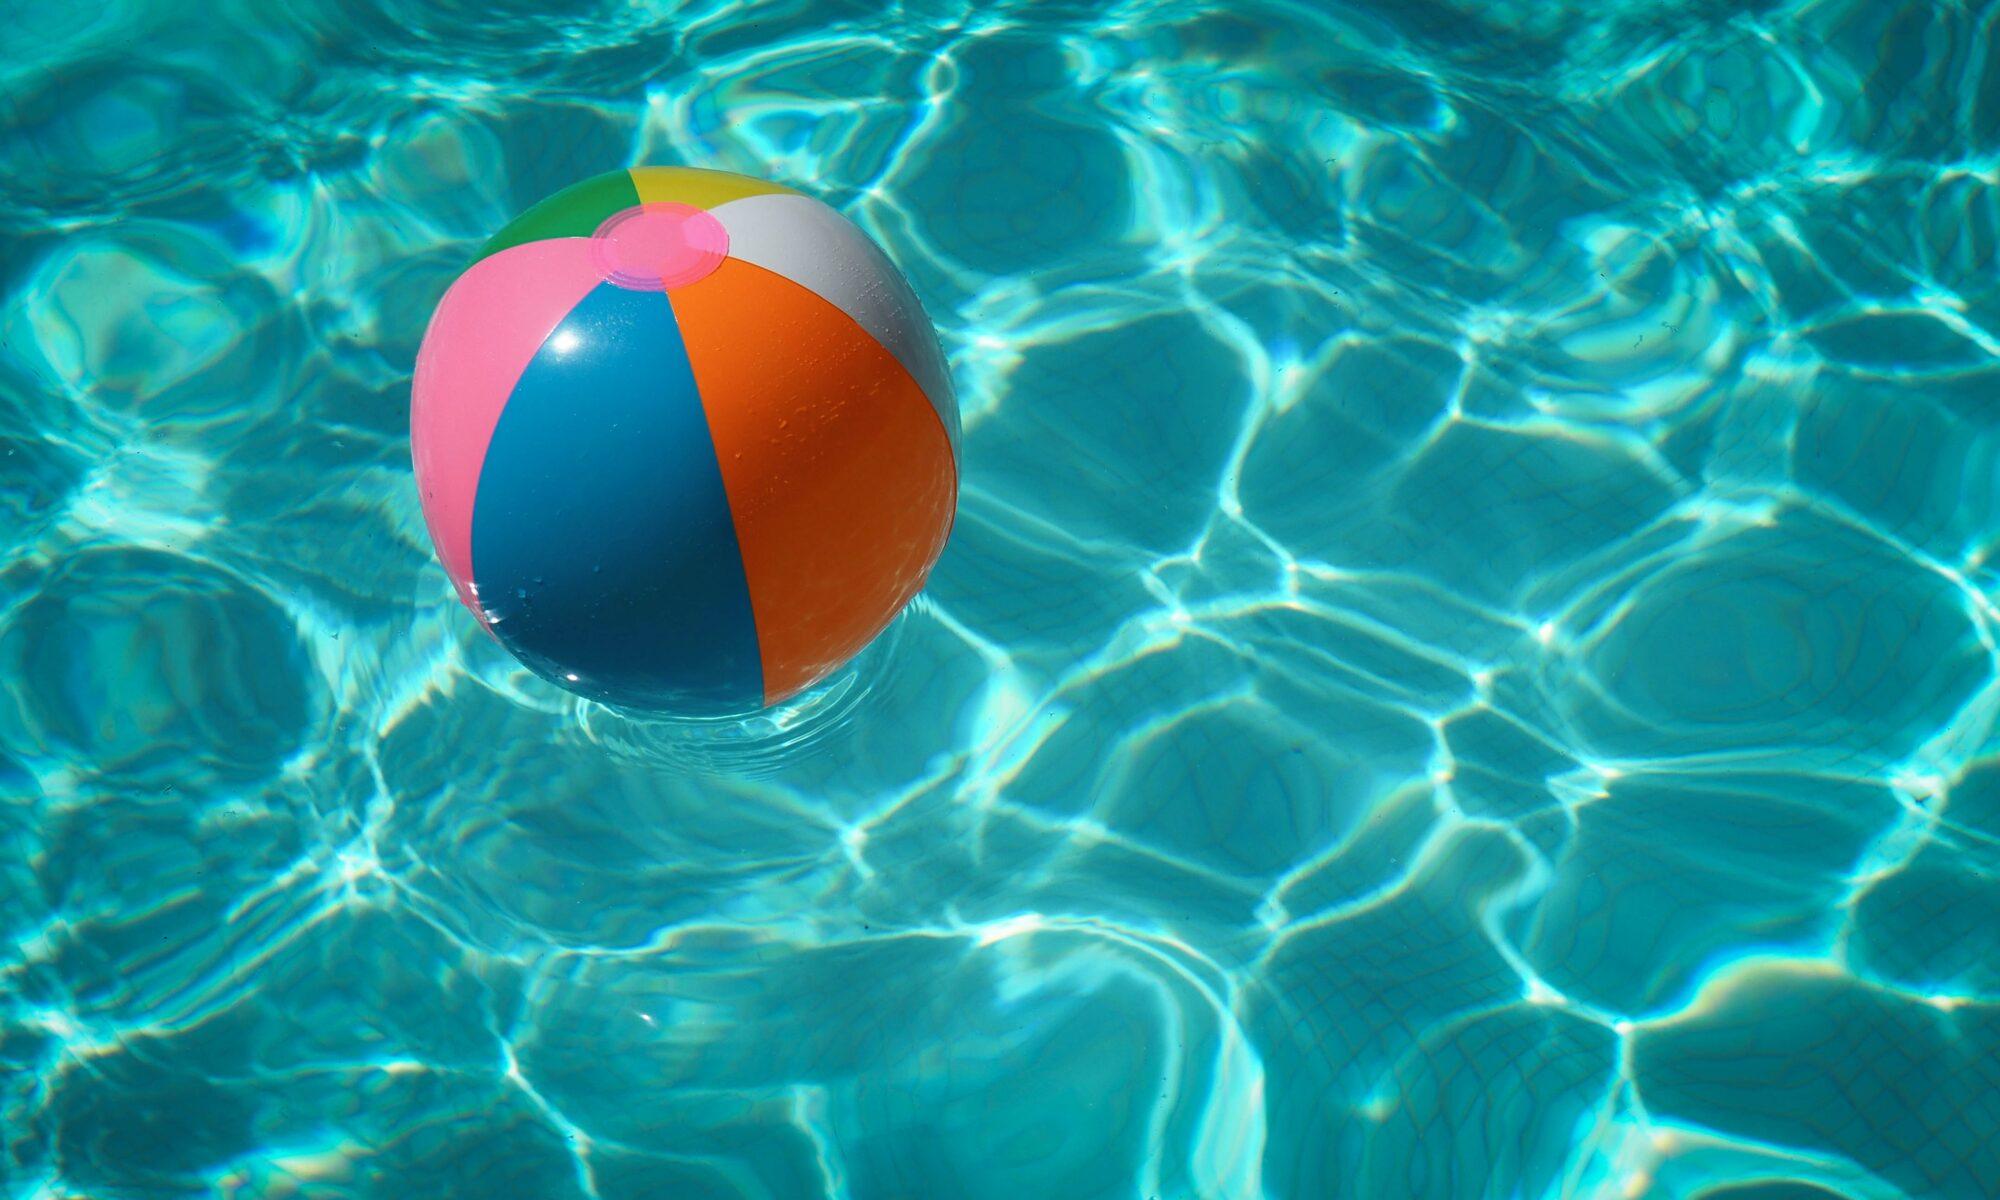 Wasser in einem Freibadbecken, auf dem ein bunter Wasserball schwimmt.